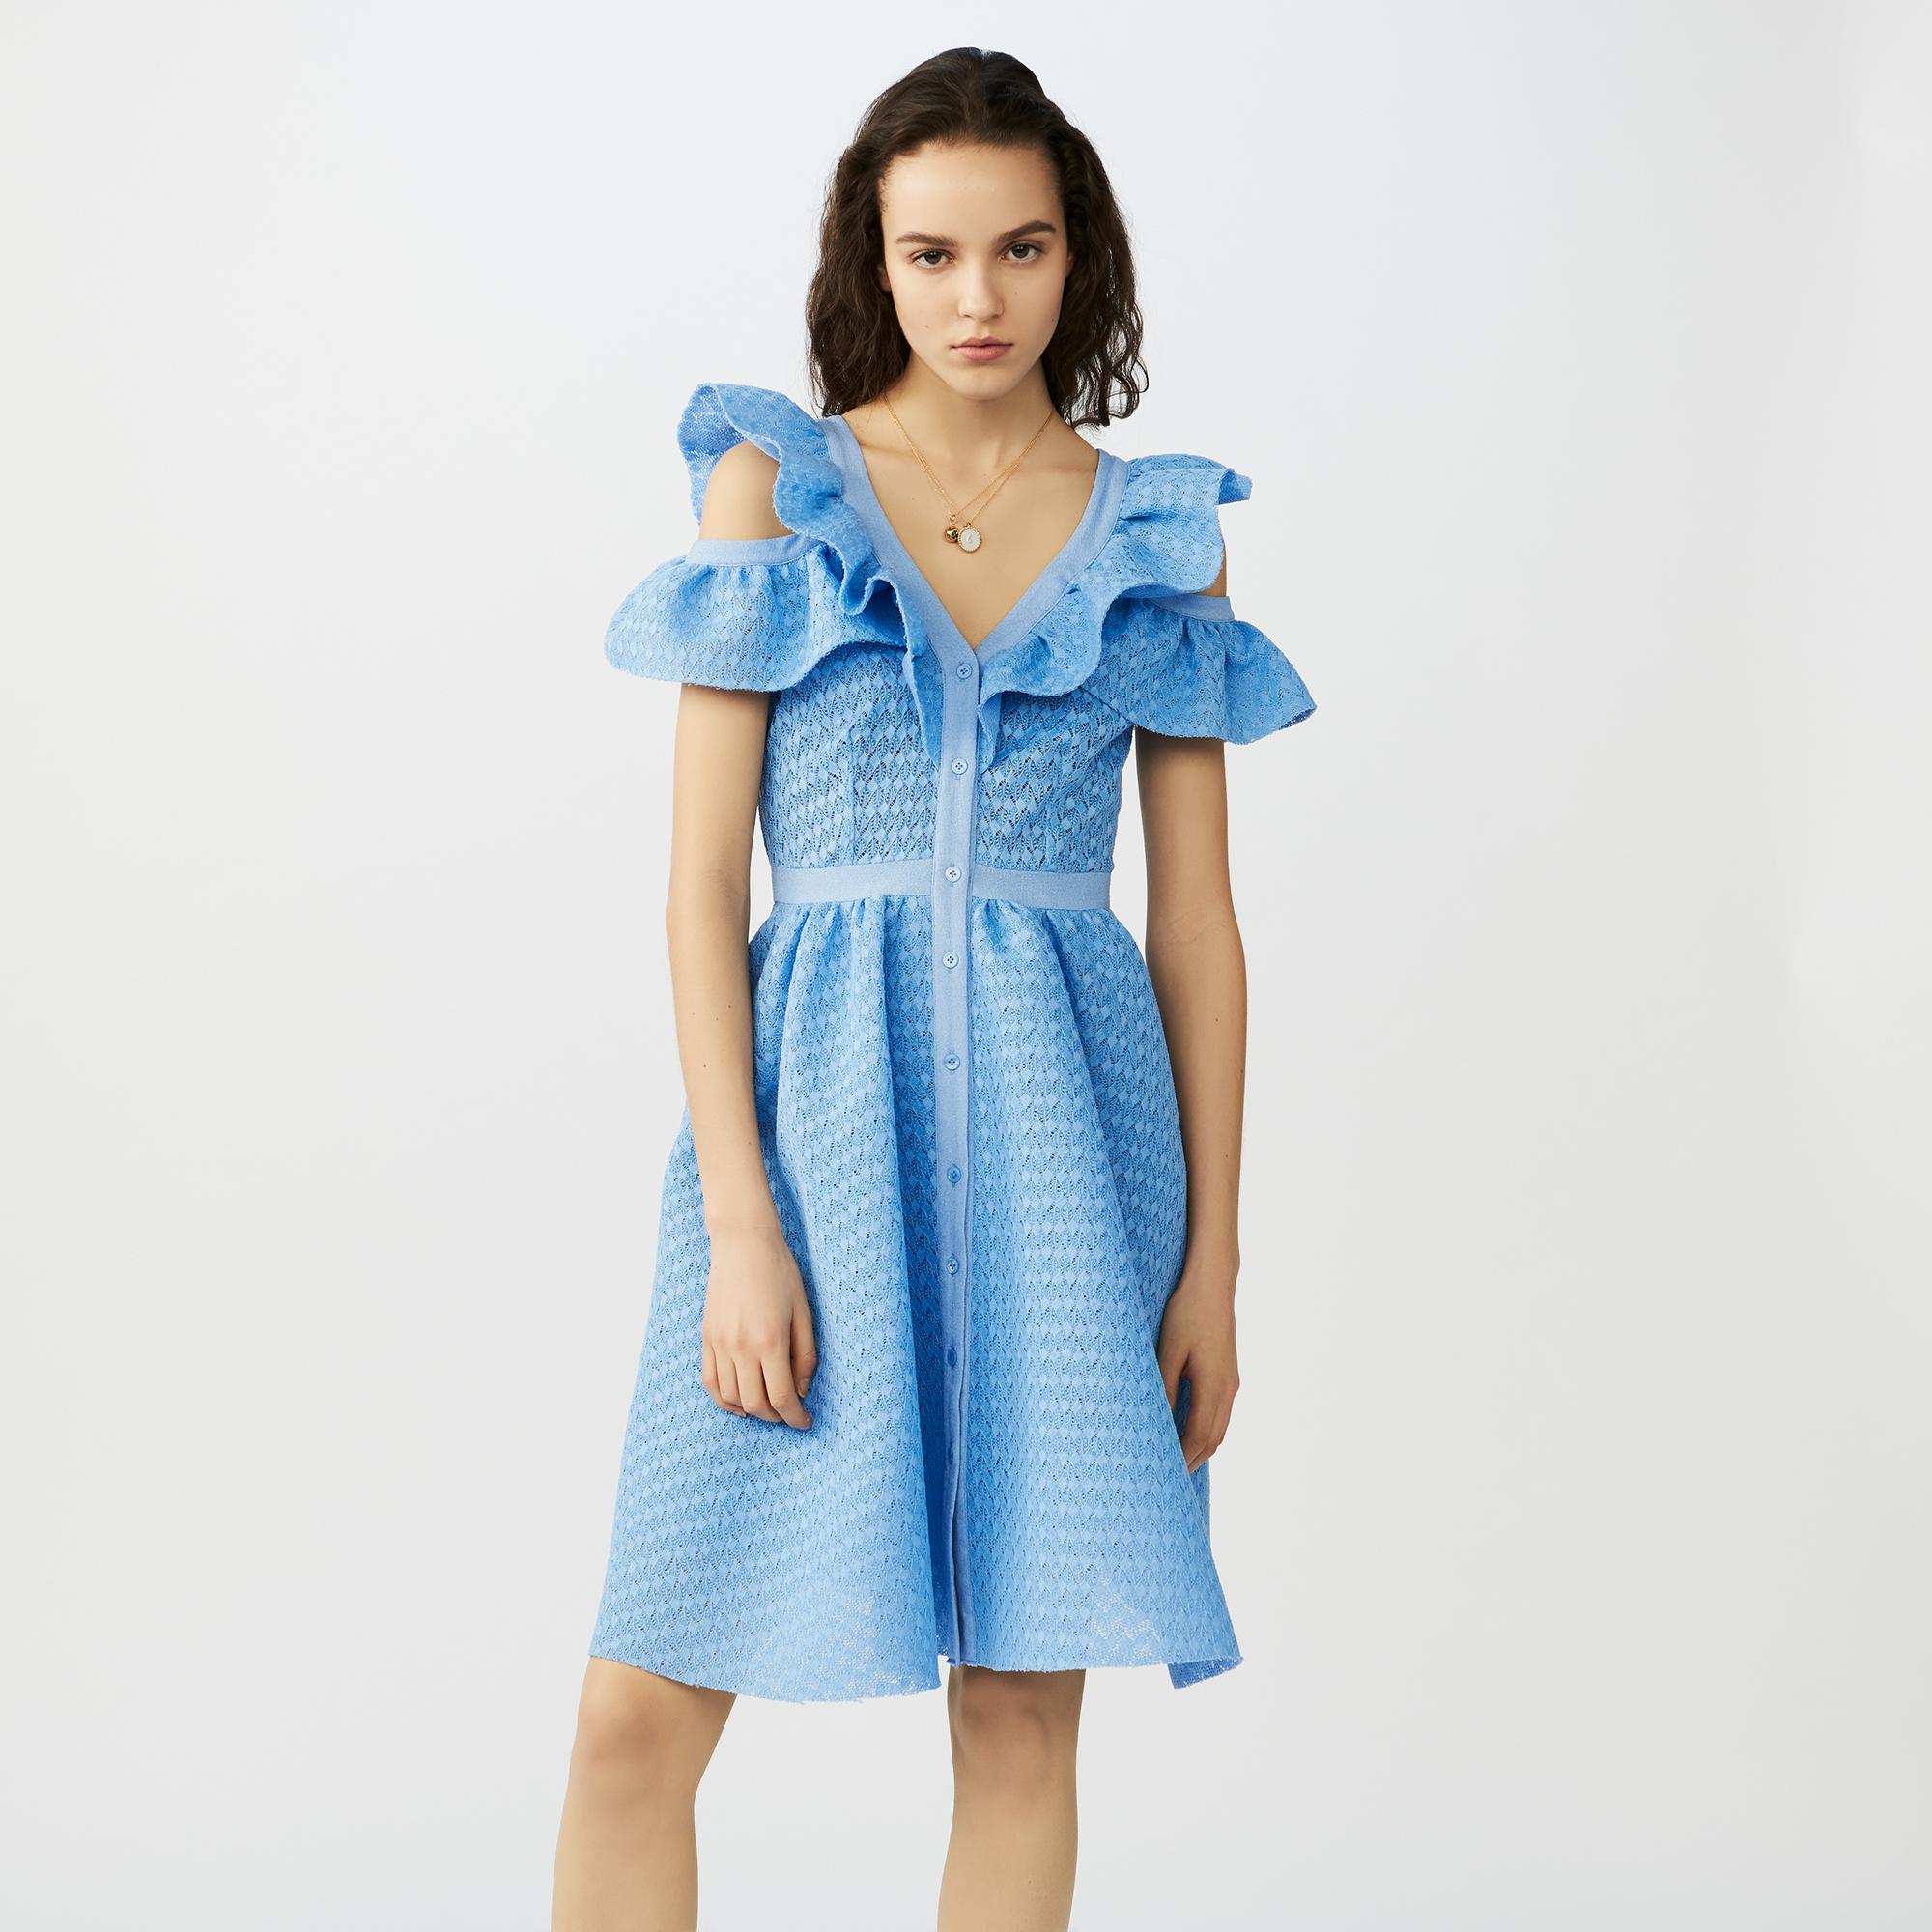 f98dd52d7750 Vestiti per matrimonio: cosa indossare in primavera? | Diredonna